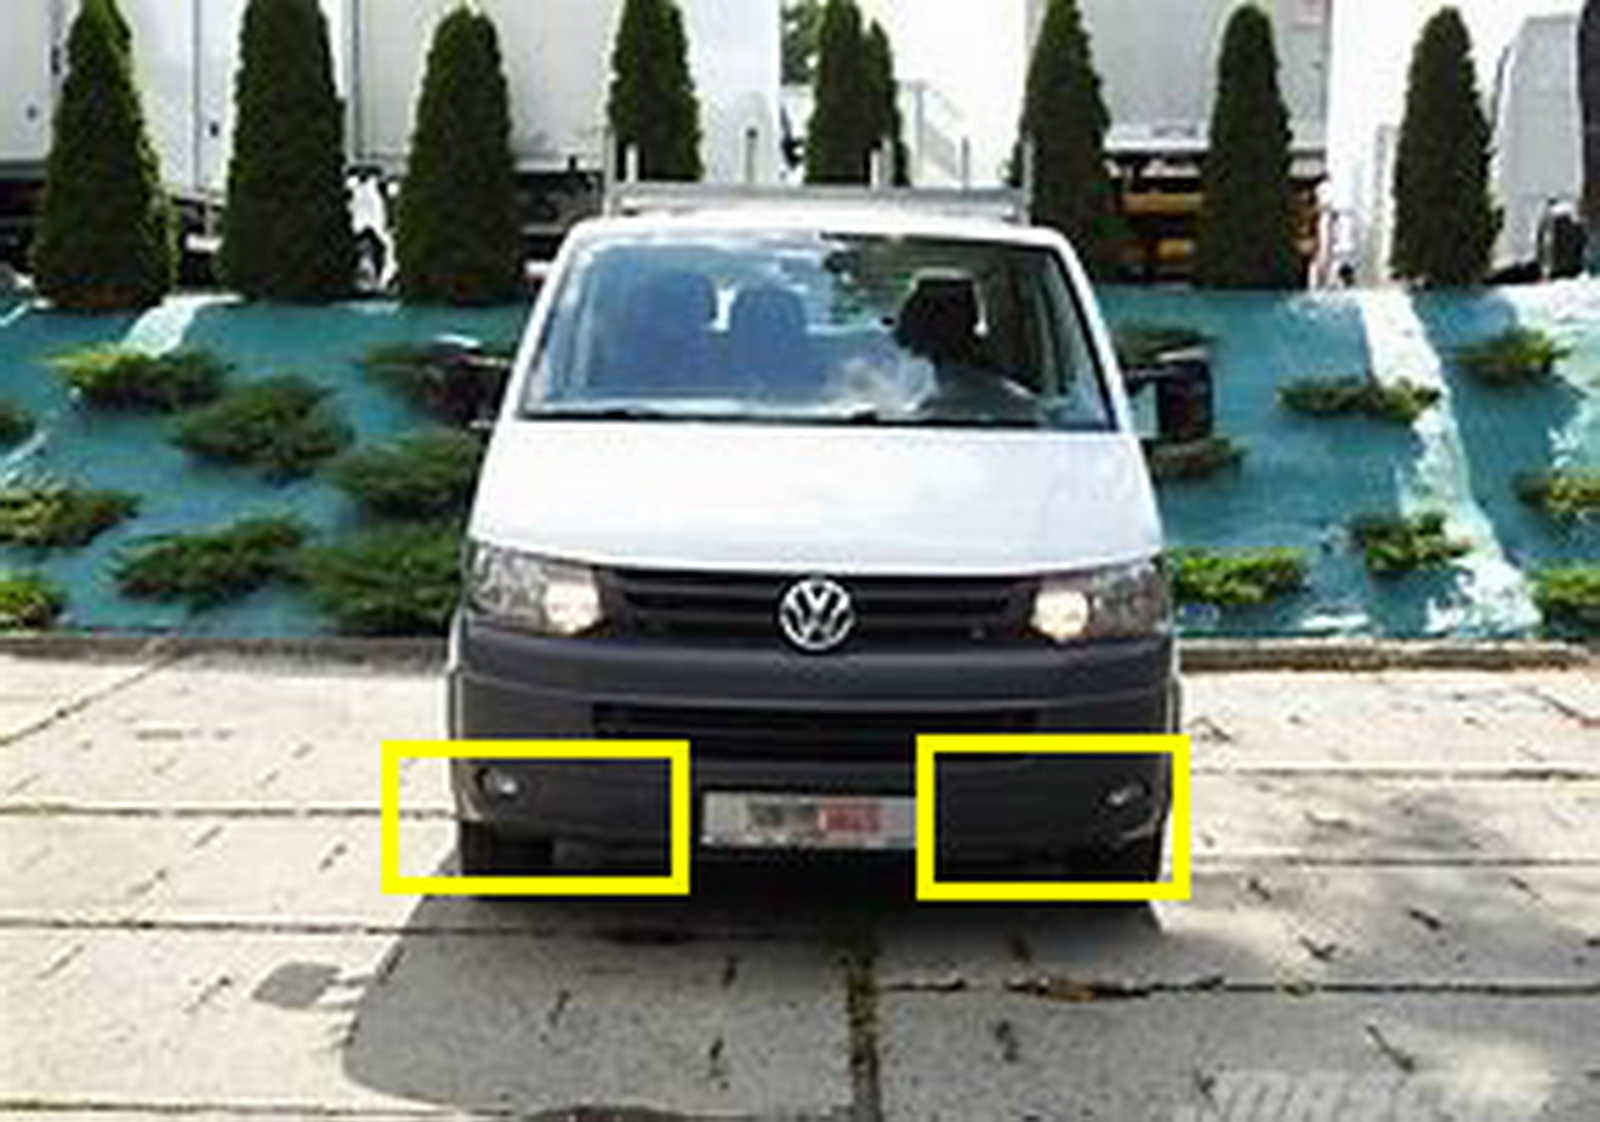 Para VW Transporter T5 Parachoques Delantero Parrilla-Luz De Niebla Parrilla//Derecho